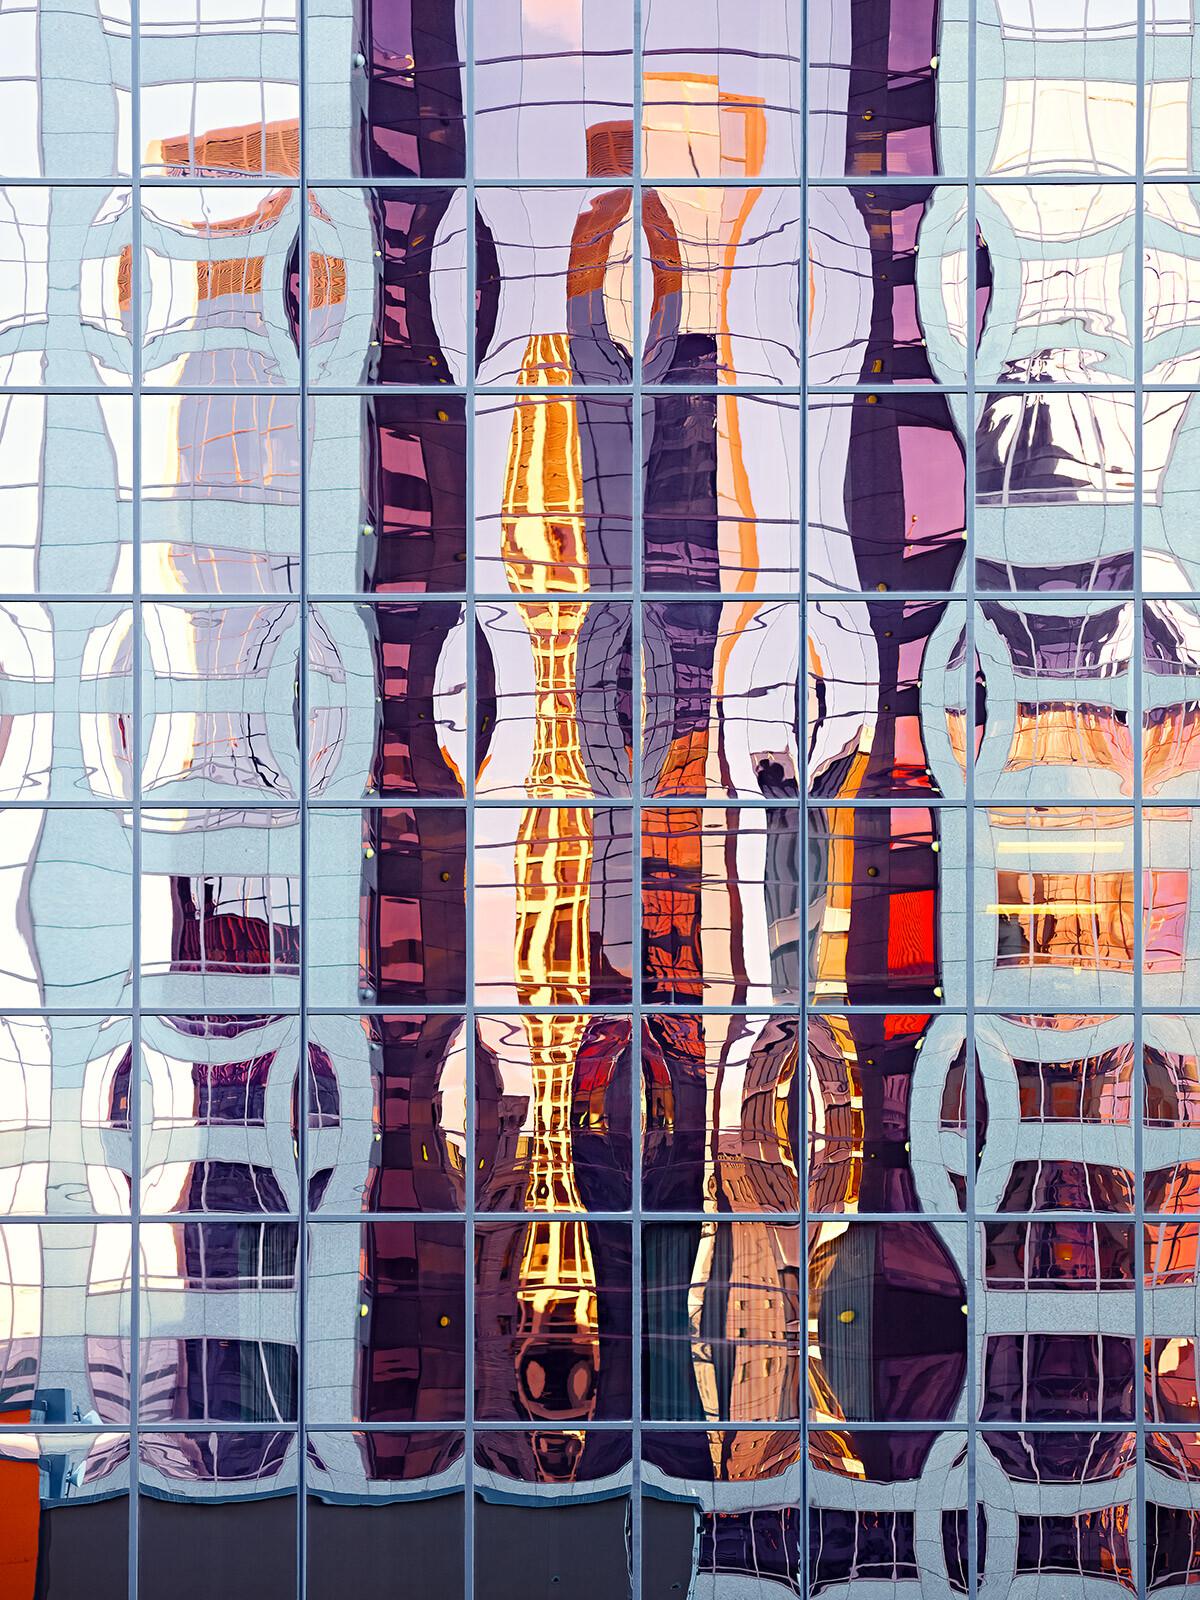 Infinite Mirror, Portland, OR - Andrea B. Stone